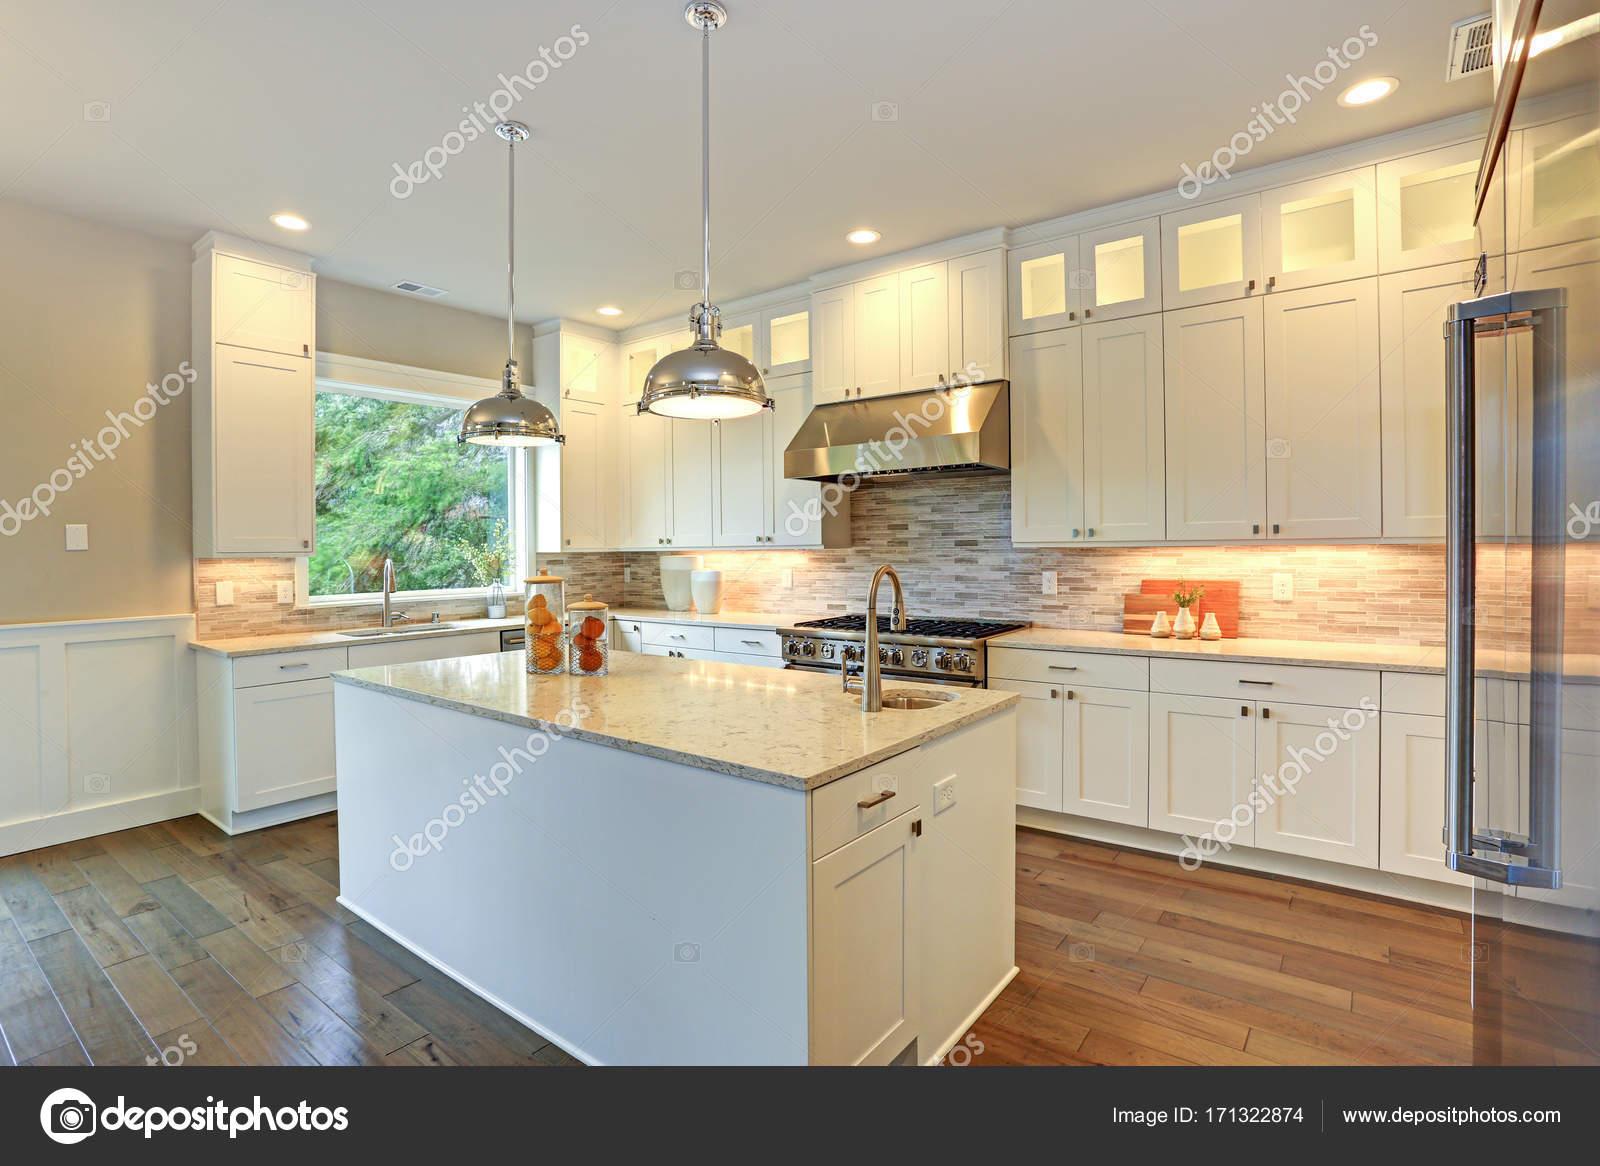 Weiße Luxus-Küche mit großer Kochinsel — Stockfoto © alabn #171322874